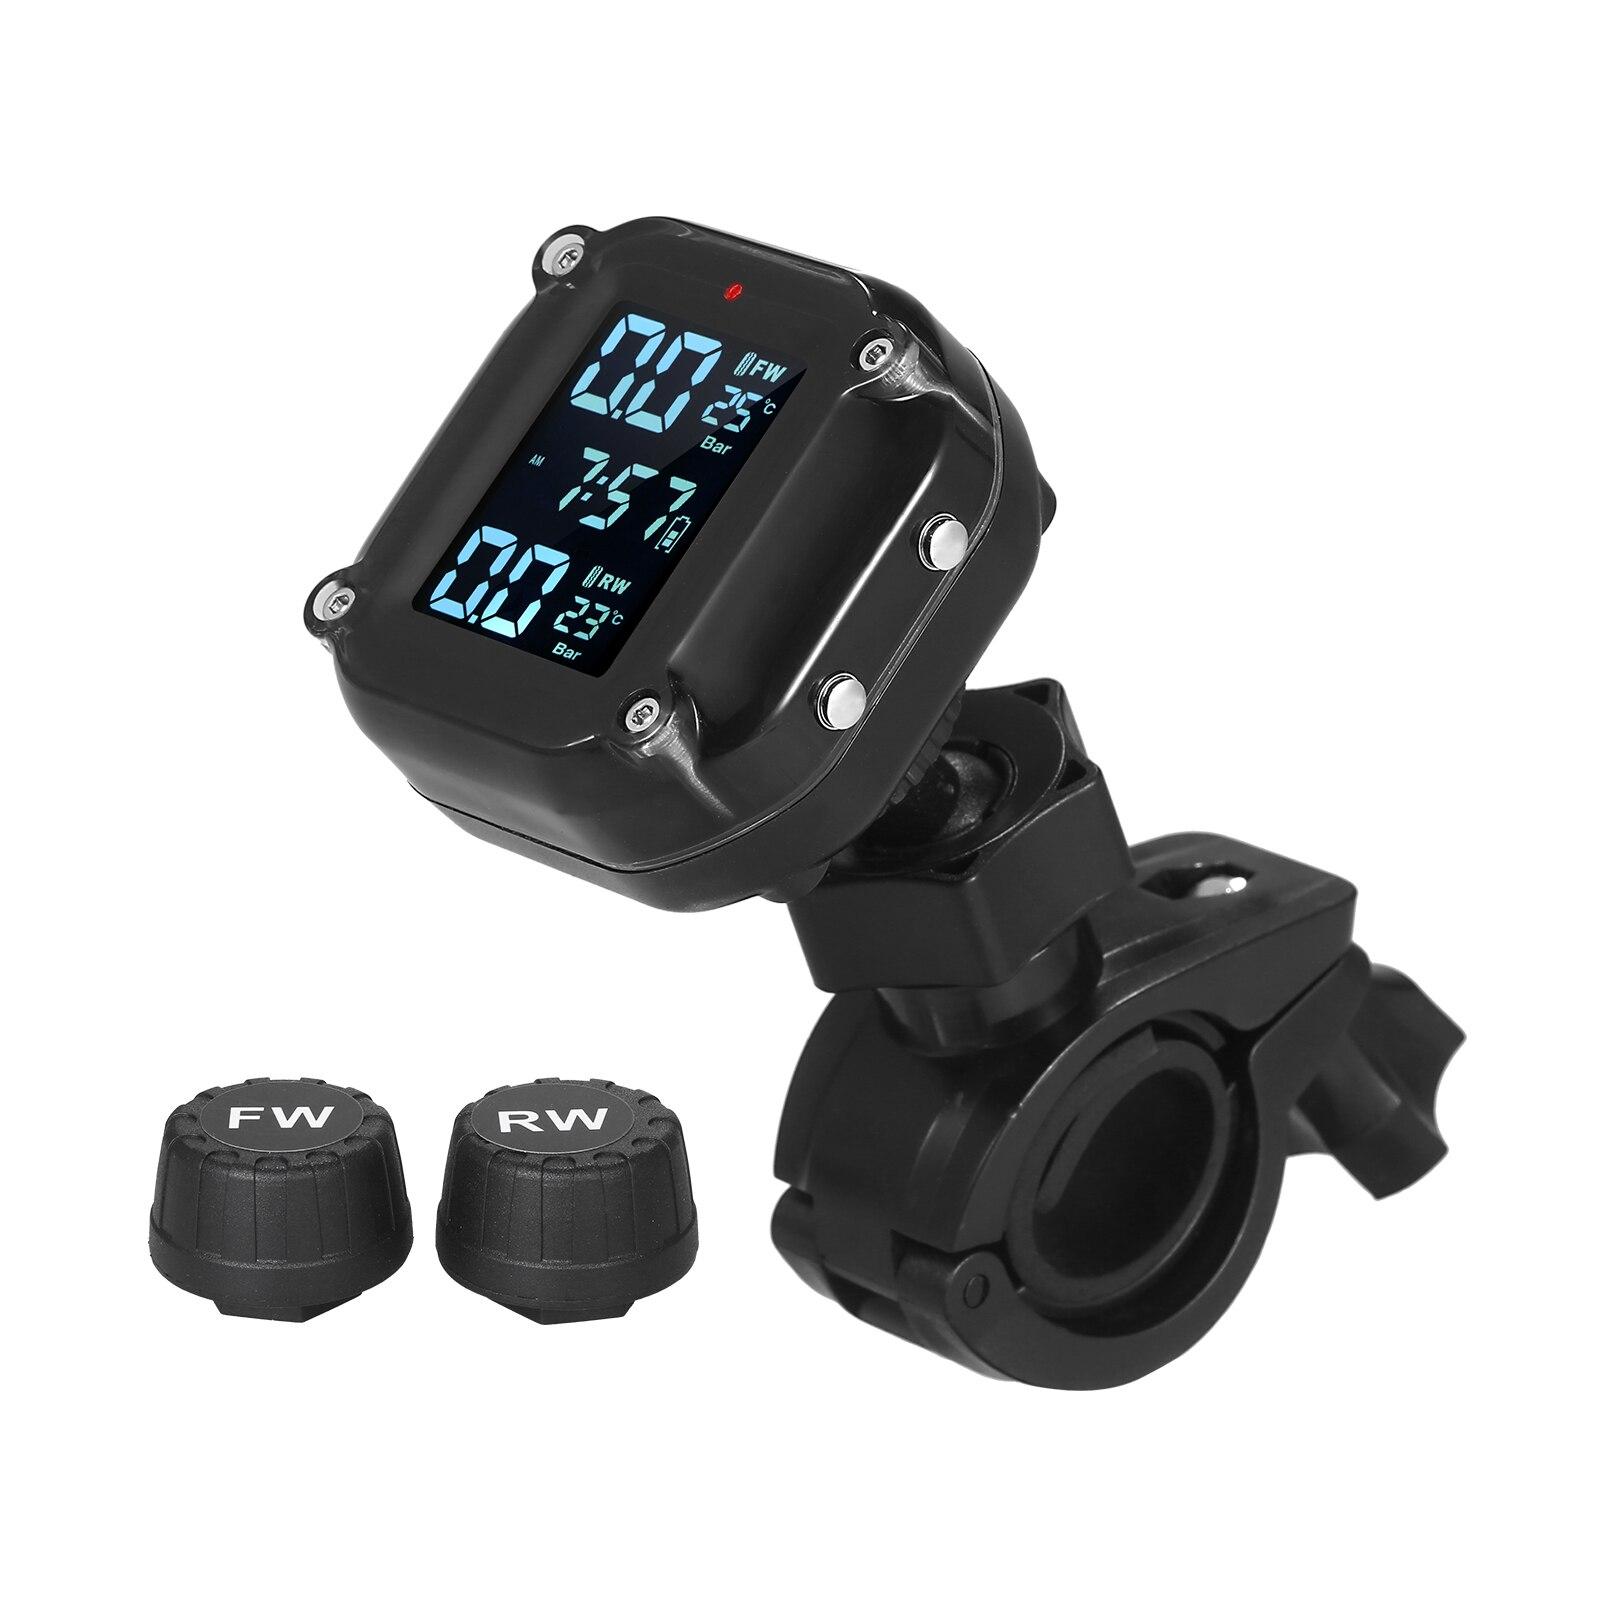 Système de surveillance étanche de la pression des pneus de moto 7 Modes d'alarme réveil automatique sans fil TPMS avec 2 capteurs externes